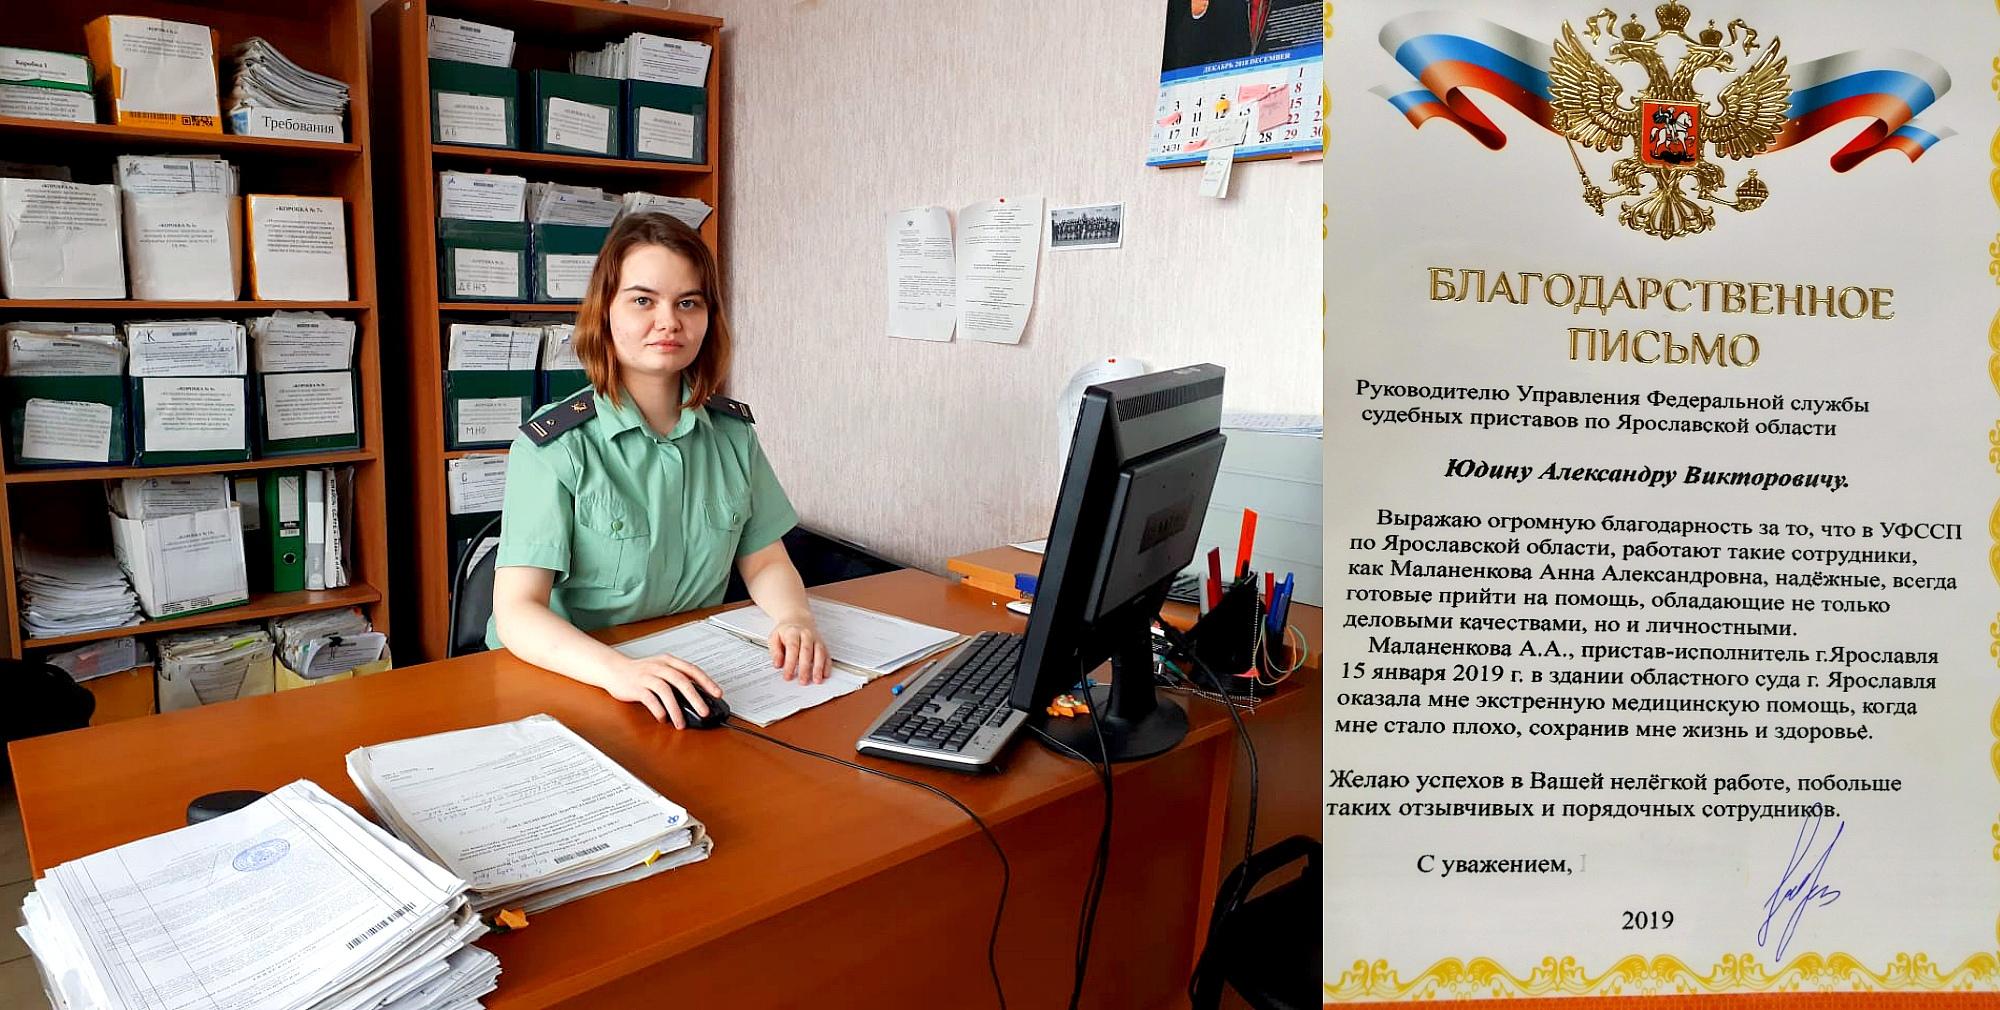 В Ярославле судебный пристав спас жизнь мужчине